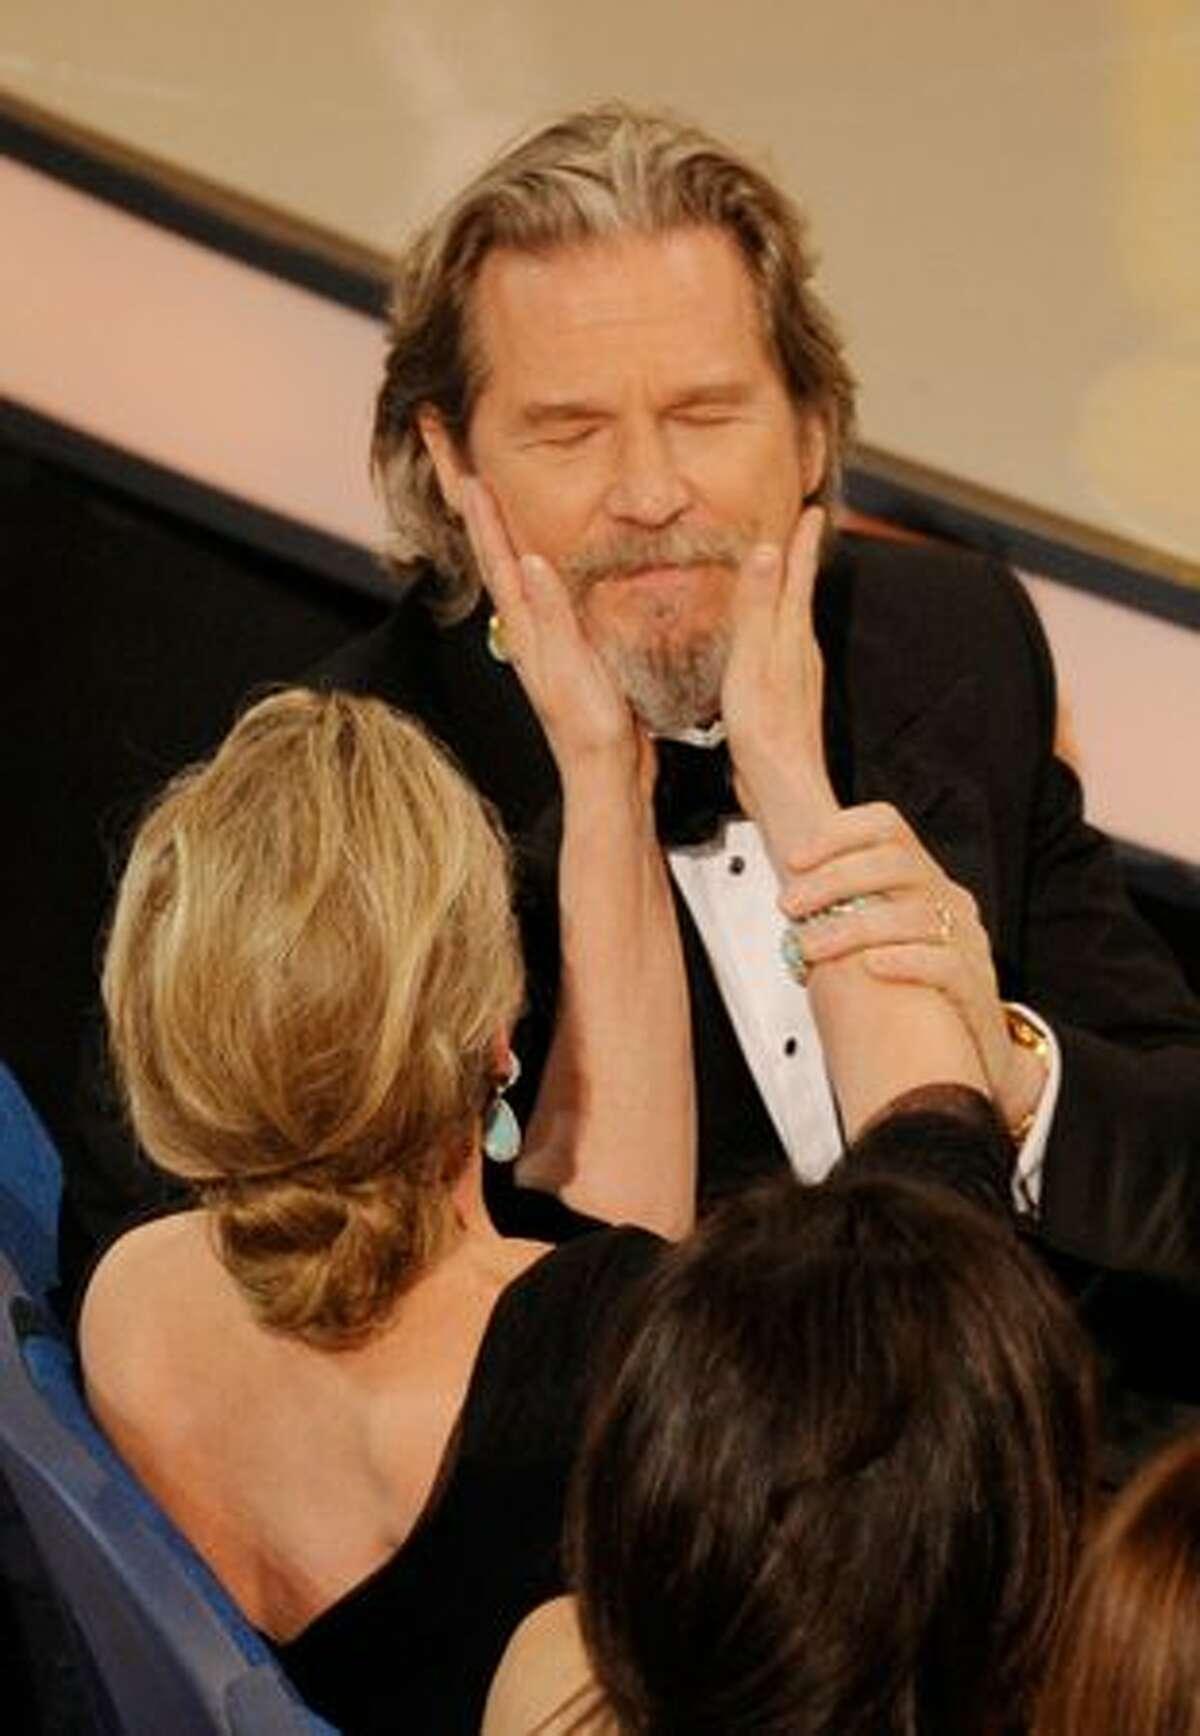 Actor Jeff Bridges, winner of Best Actor award for